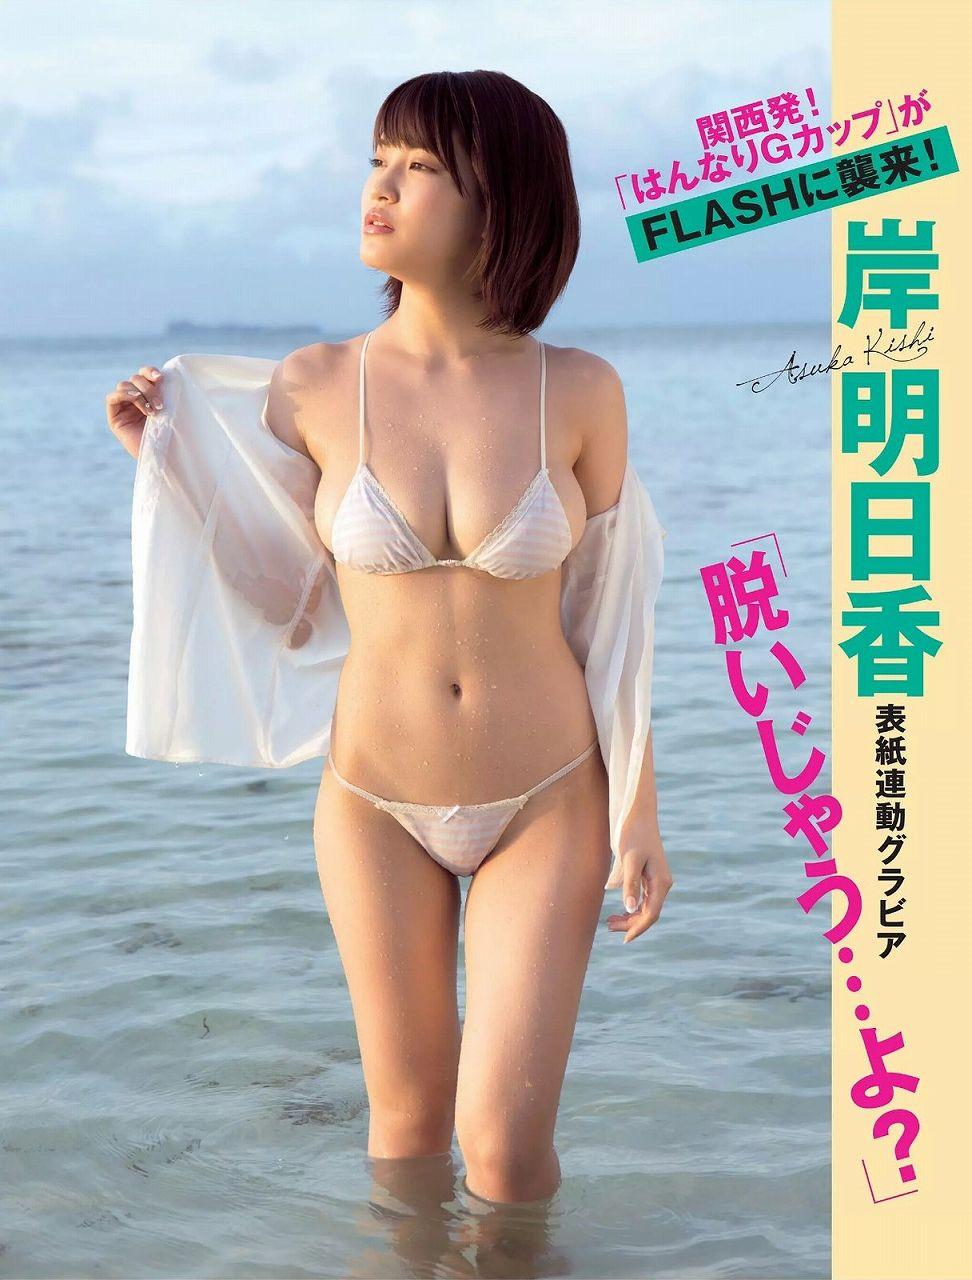 「FLASH(フラッシュ) 2015年 6/16 号」岸明日香の極小水着グラビア